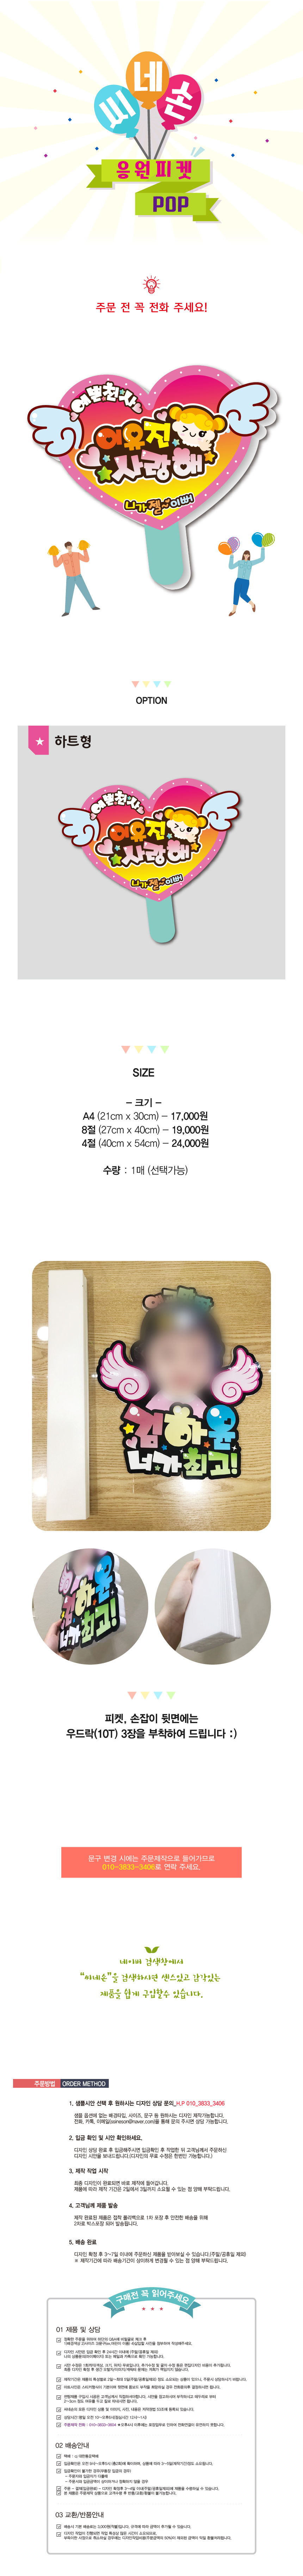 재롱잔치 피켓(핑크,하트형) - 씨네손, 17,000원, 문패/보드, 아크릴문패